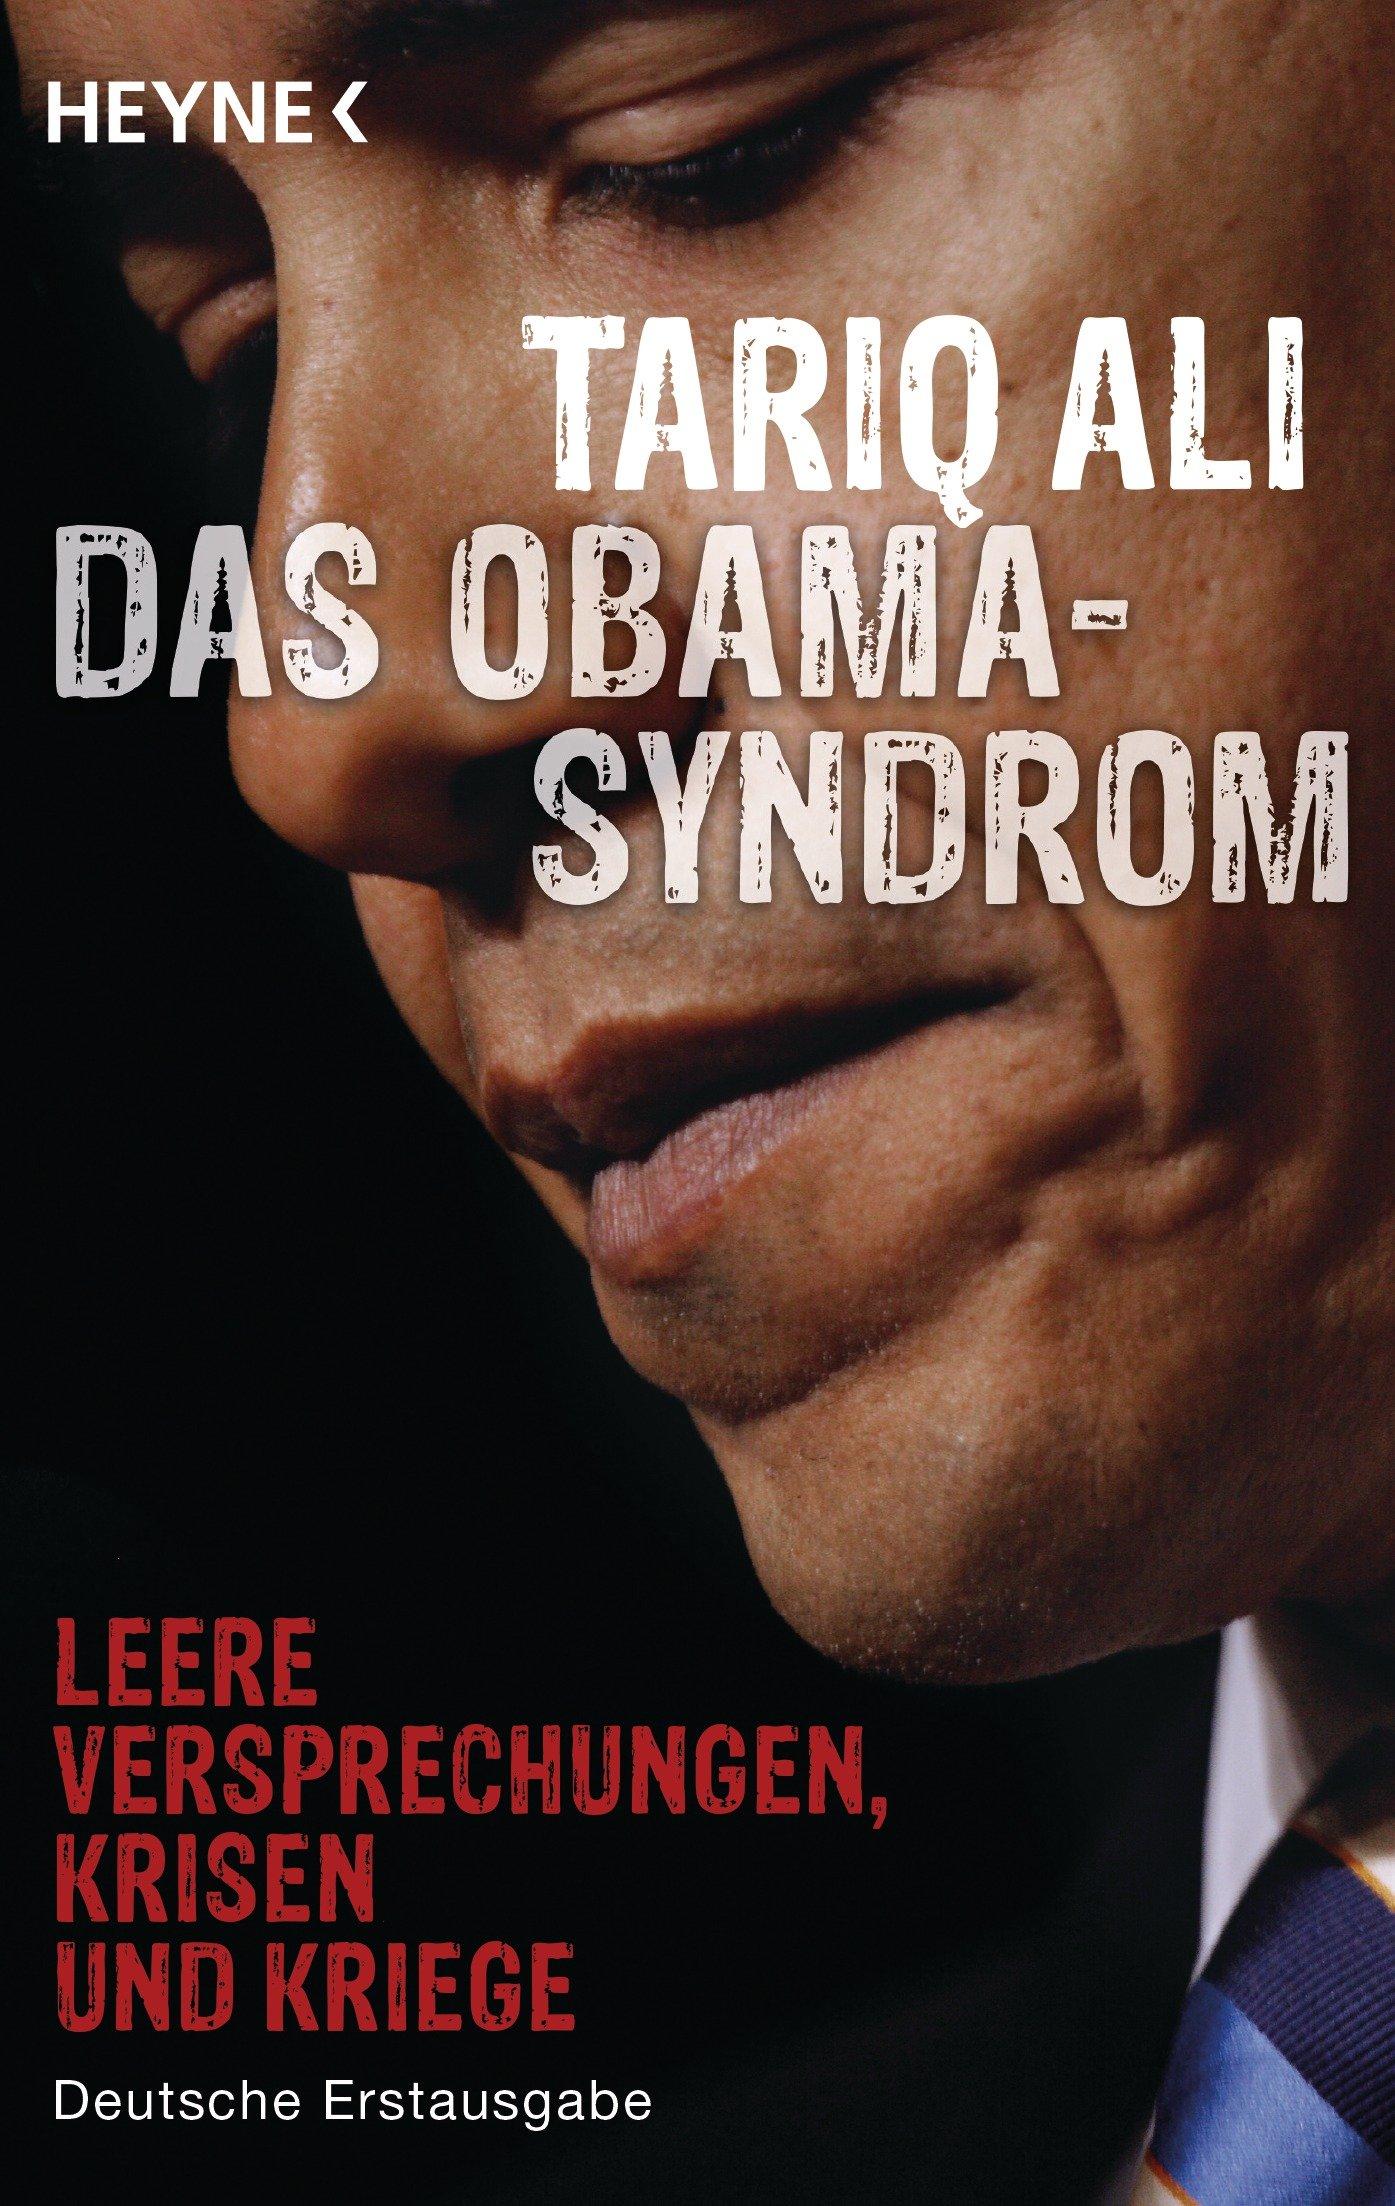 Das Obama-Syndrom: Leere Versprechungen, Krisen und Kriege